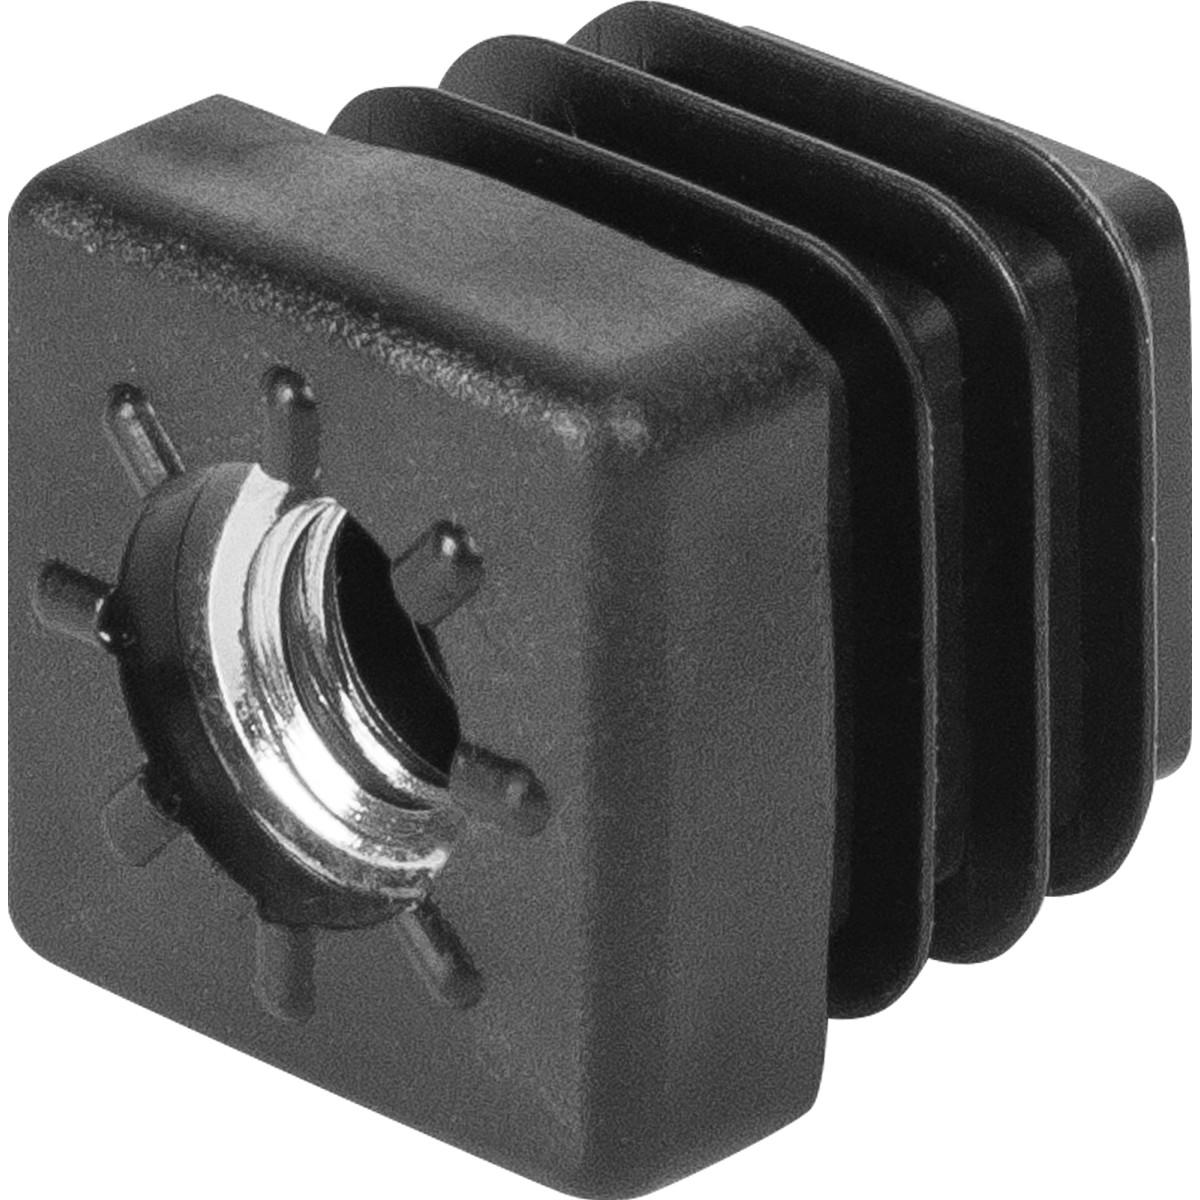 Заглушка для трубы 20x20 мм с отверстием М8 4 шт.